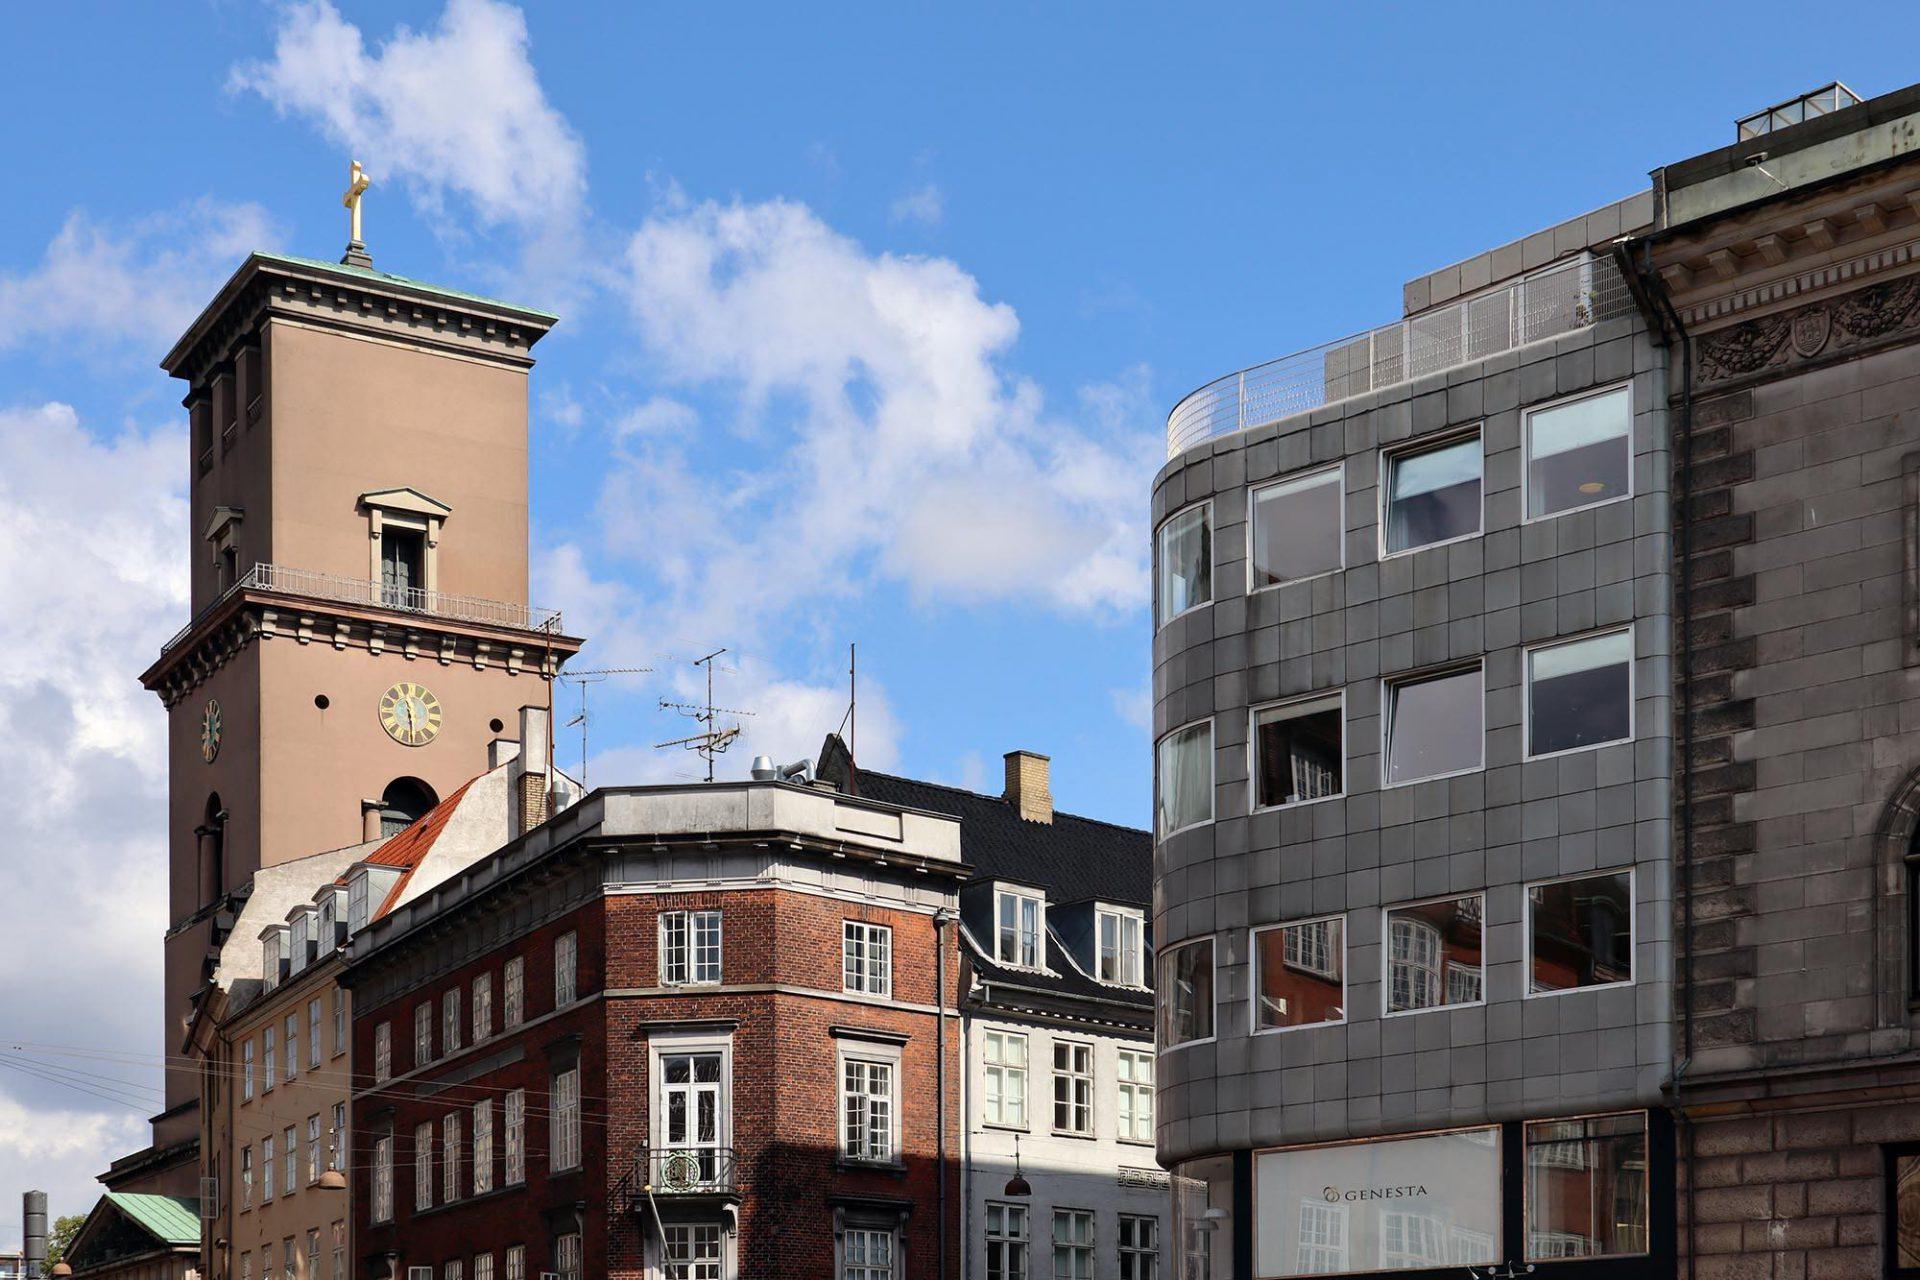 Stelling Haus. Gunnar Asplund (1885–1940) war ein schwedischer Architekt und Vertreter der skandinavischen, klassizistisch geprägten Moderne, der Jacobsen als Vorbild diente. Dessen Entwurf für das Rathaus von Göteburg nahm er als Inspiration für seine Idee für das Stelling Haus.